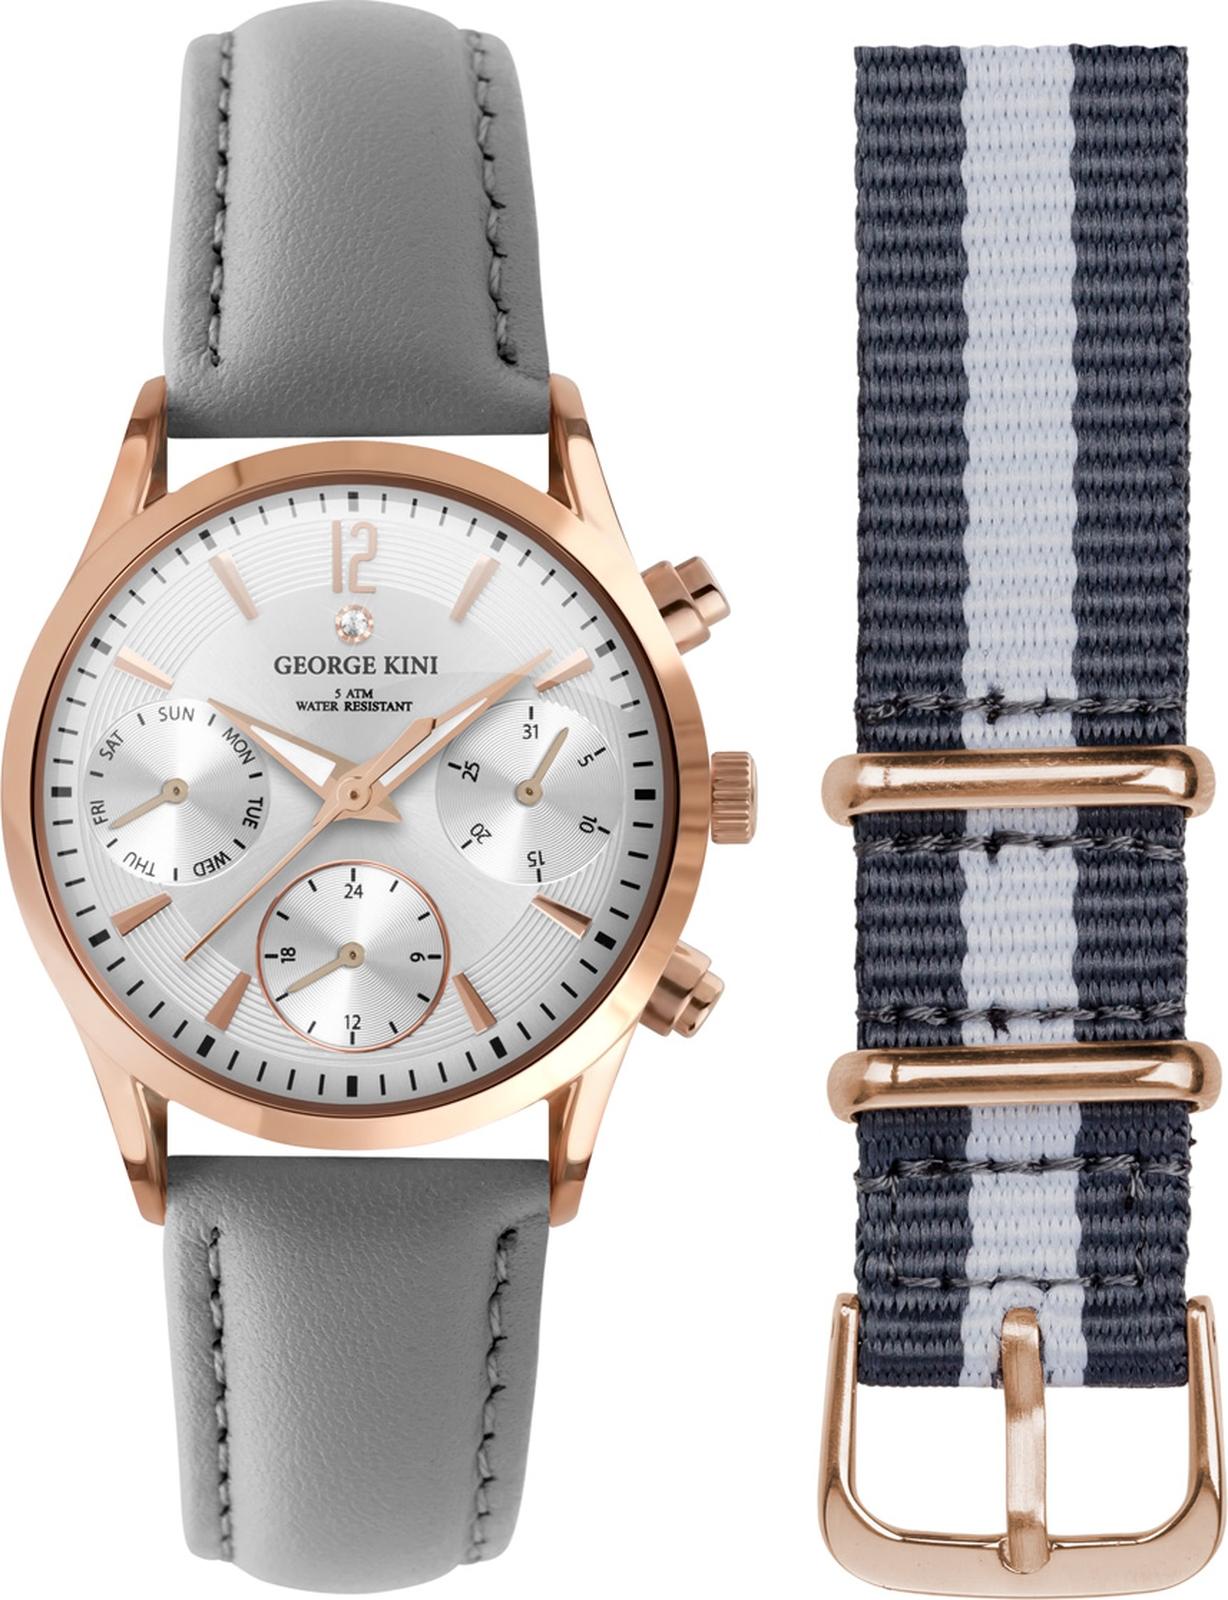 Наручные часы George Kini женские серый